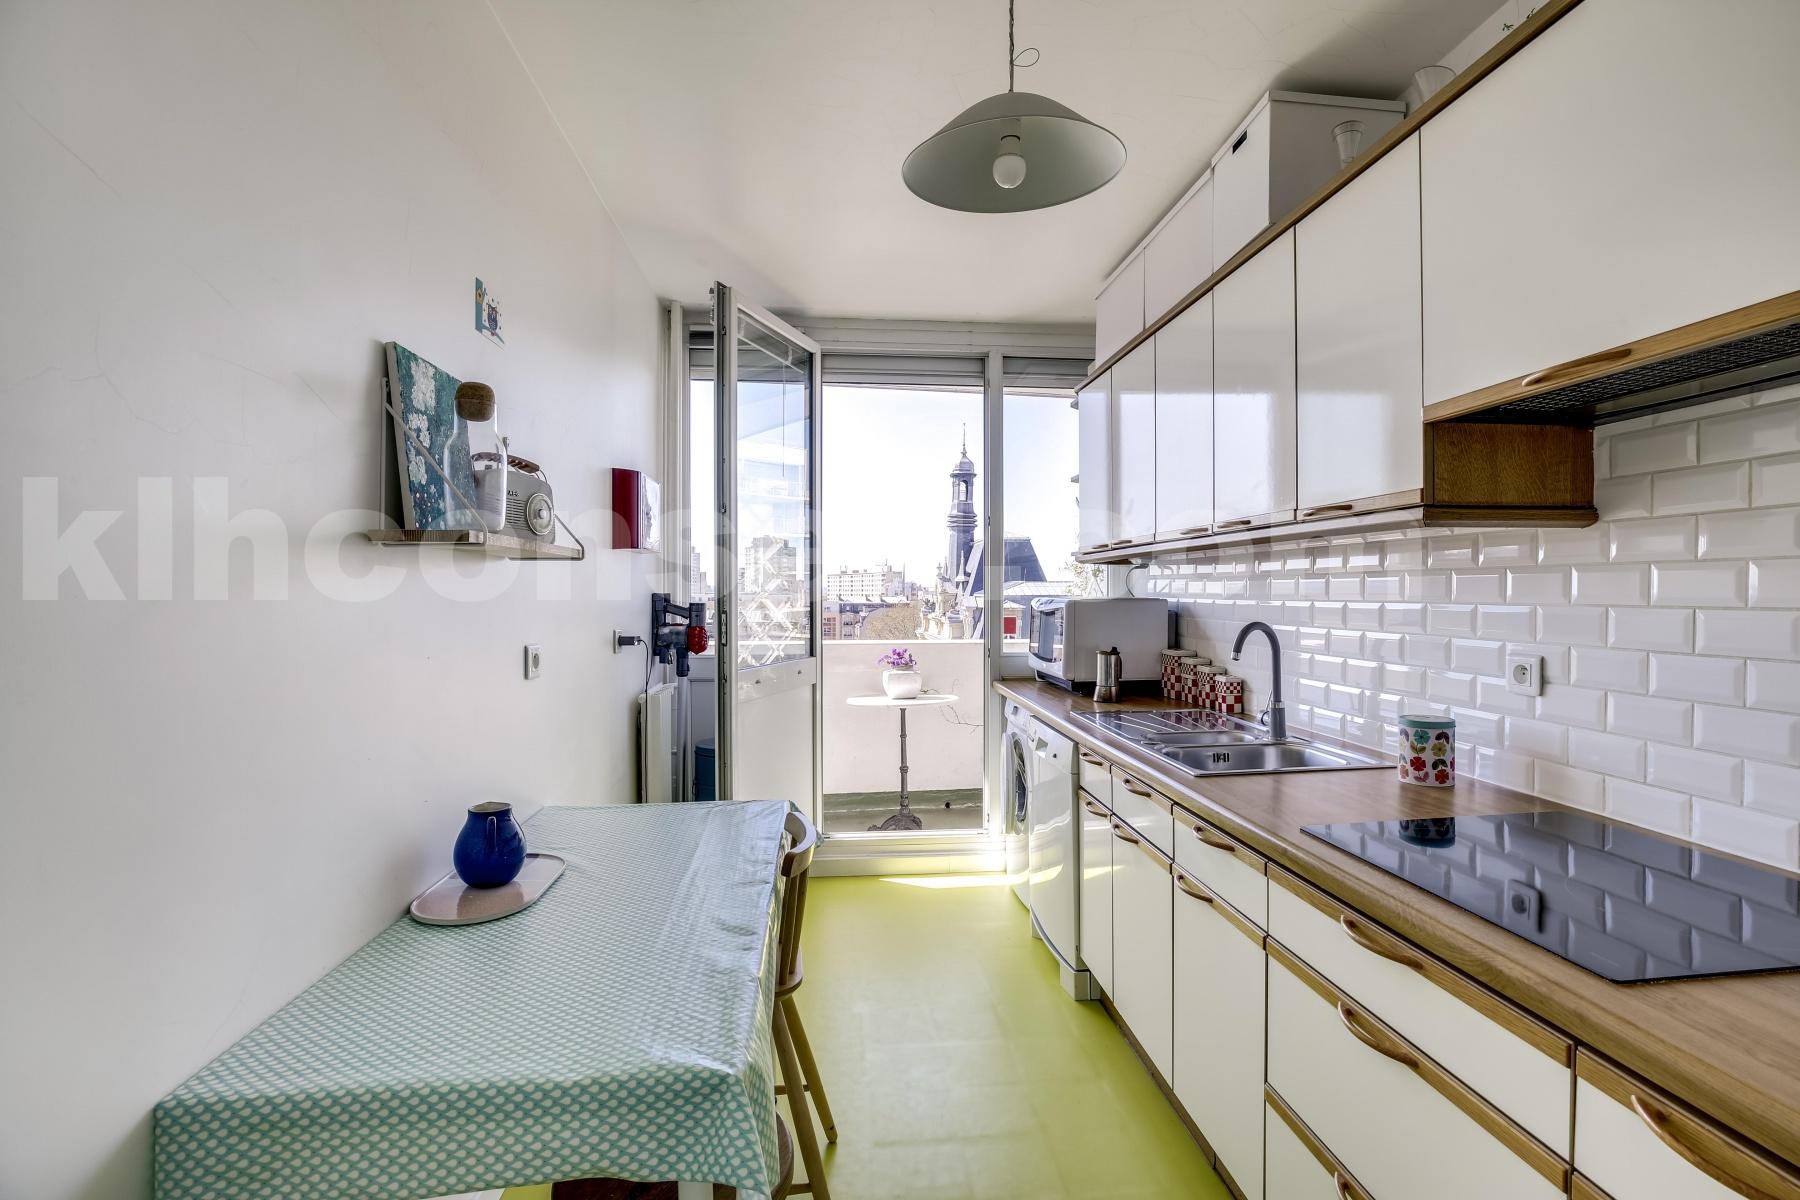 Vente Appartement de 4 pièces 77 m² - COLOMBES 92700 | KLH Conseil - AR photo6